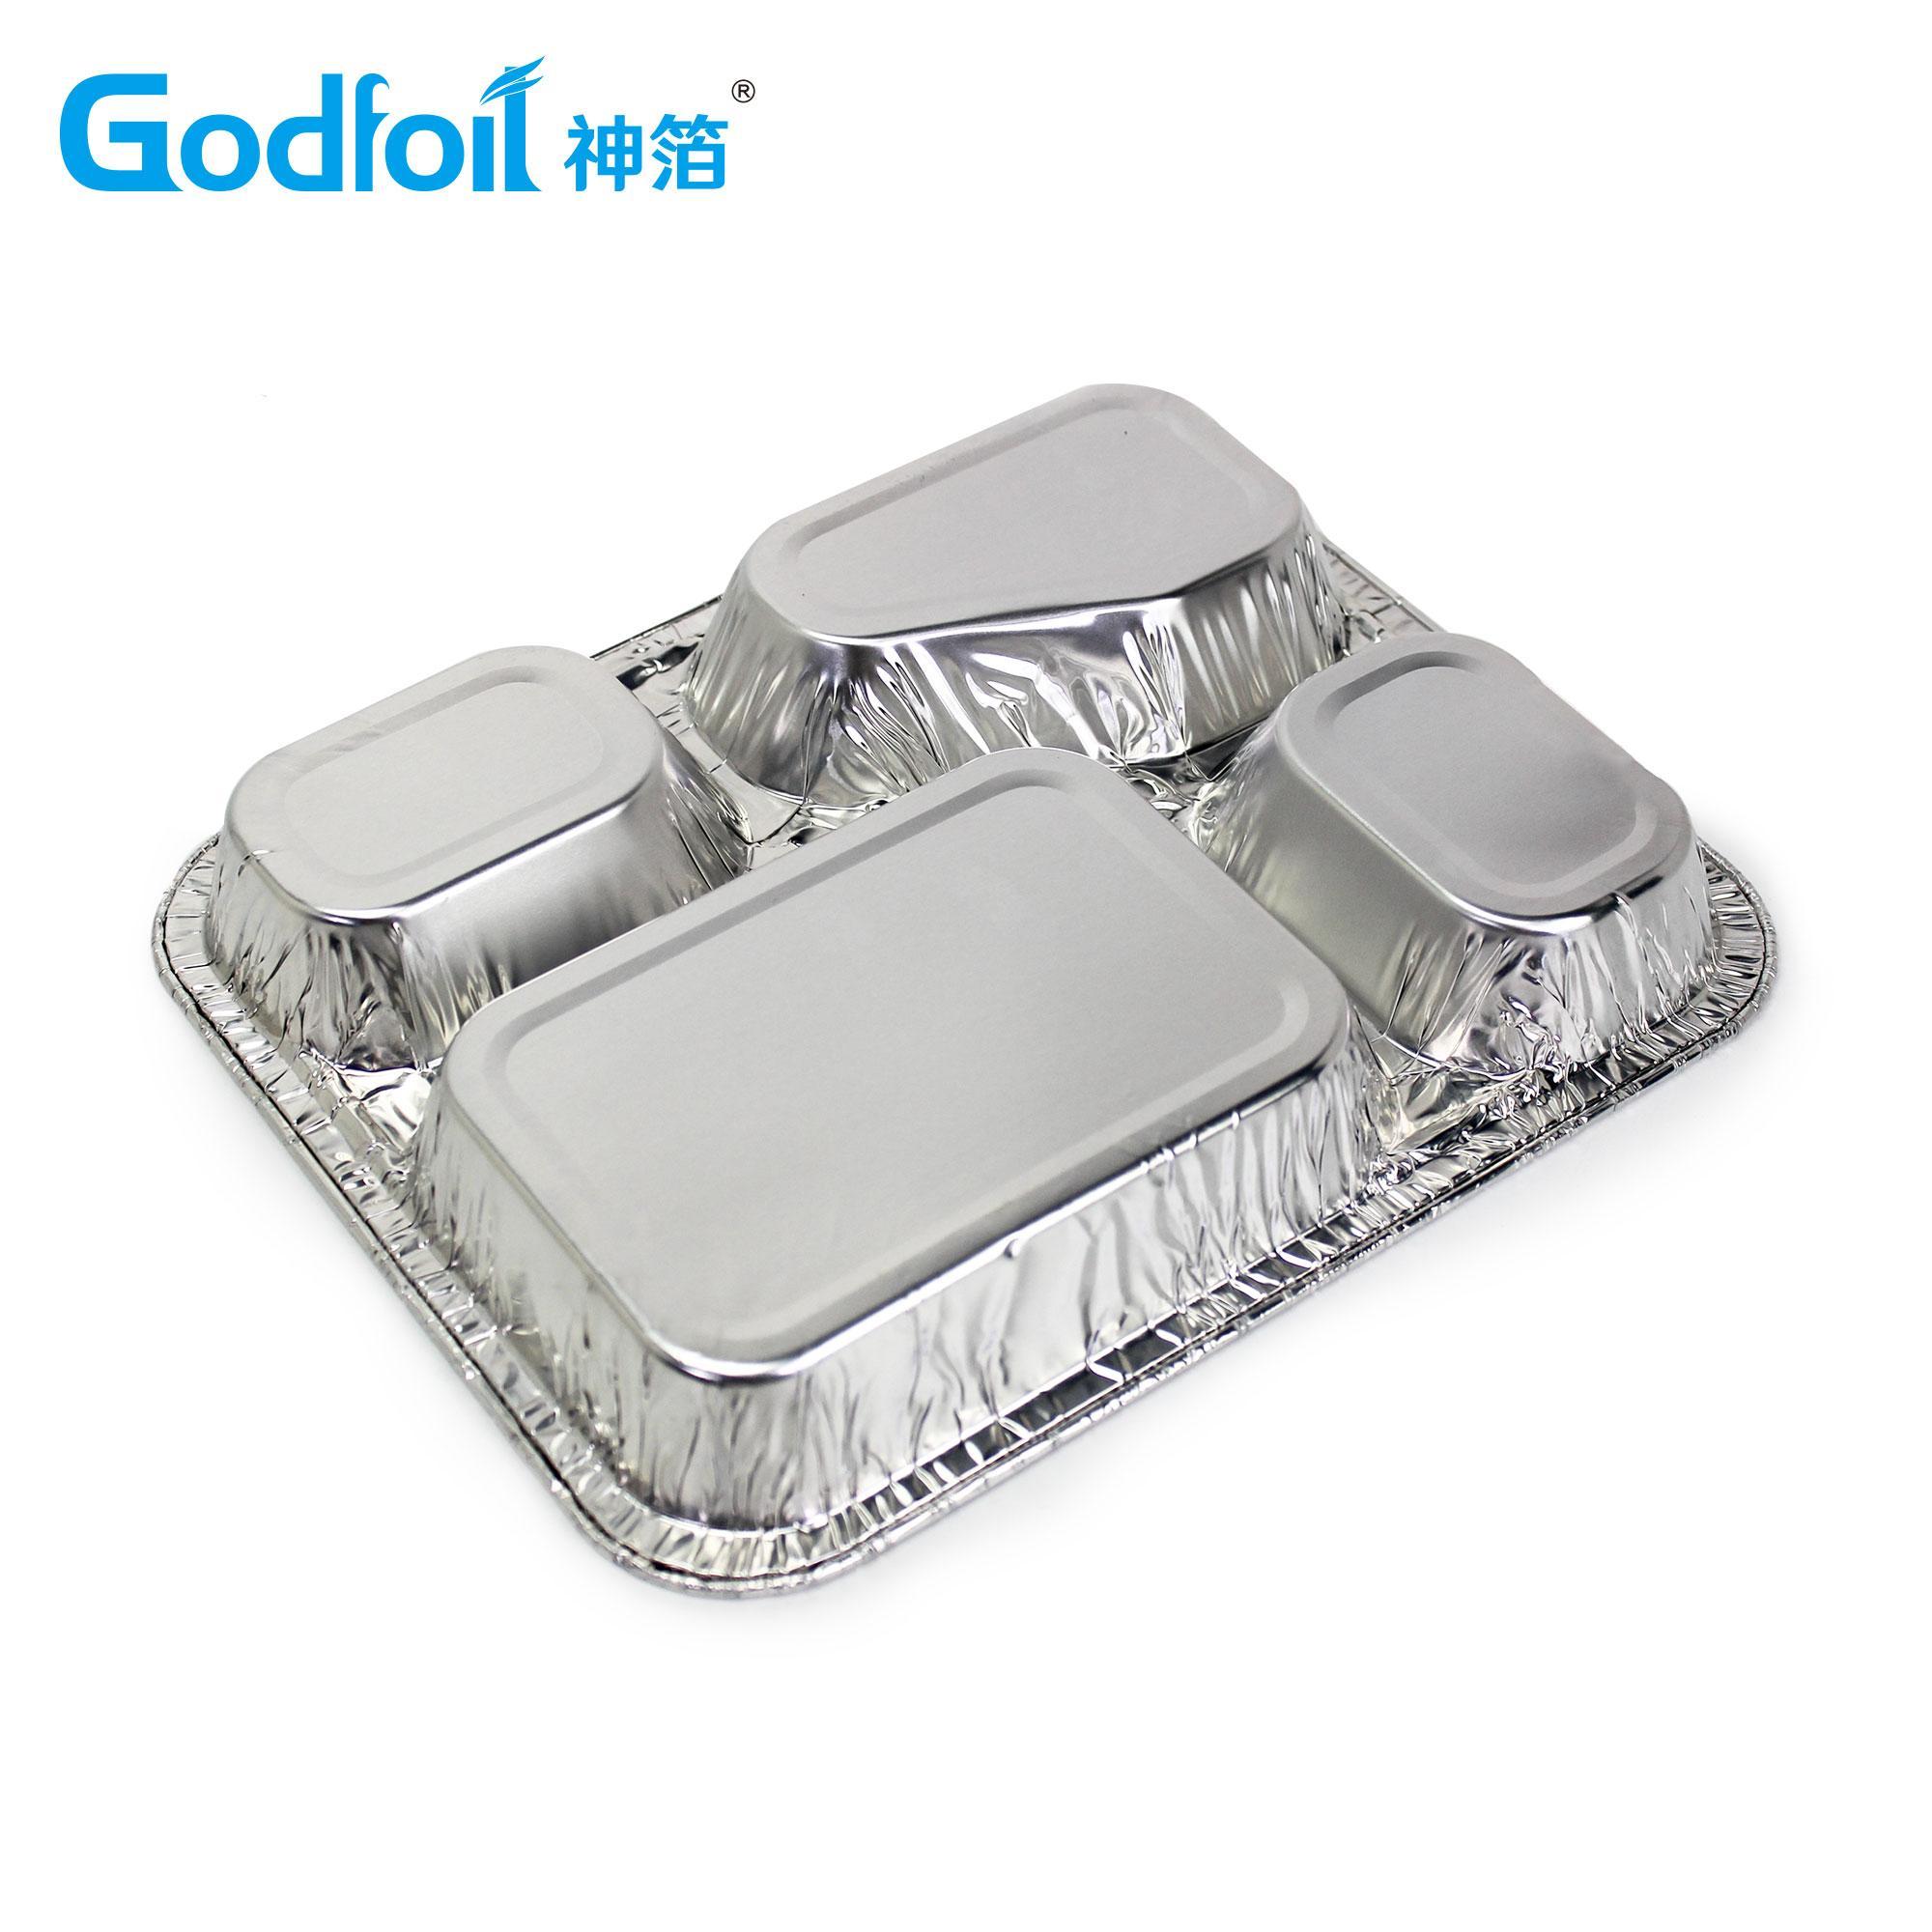 三腔餐盒模具 2